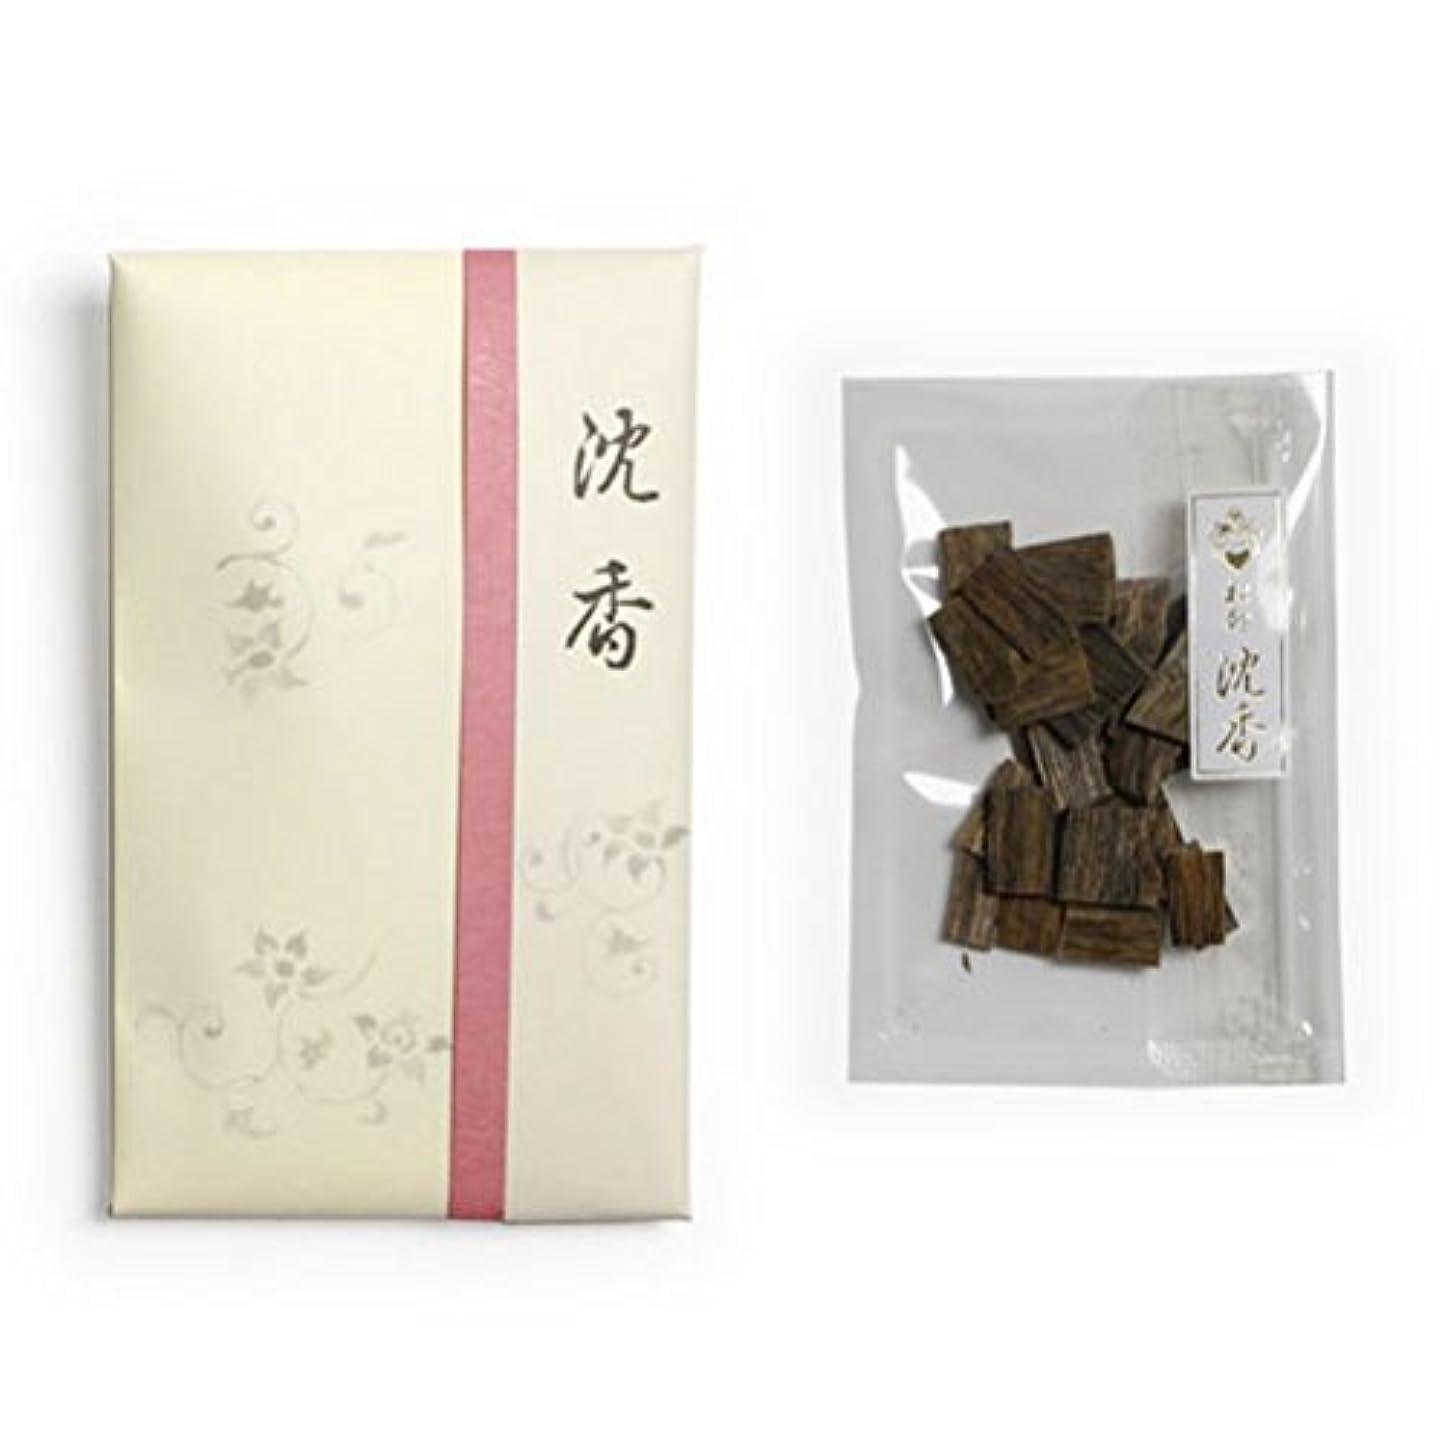 私のエトナ山指紋香木 松印 沈香 割(わり) 5g詰 松栄堂